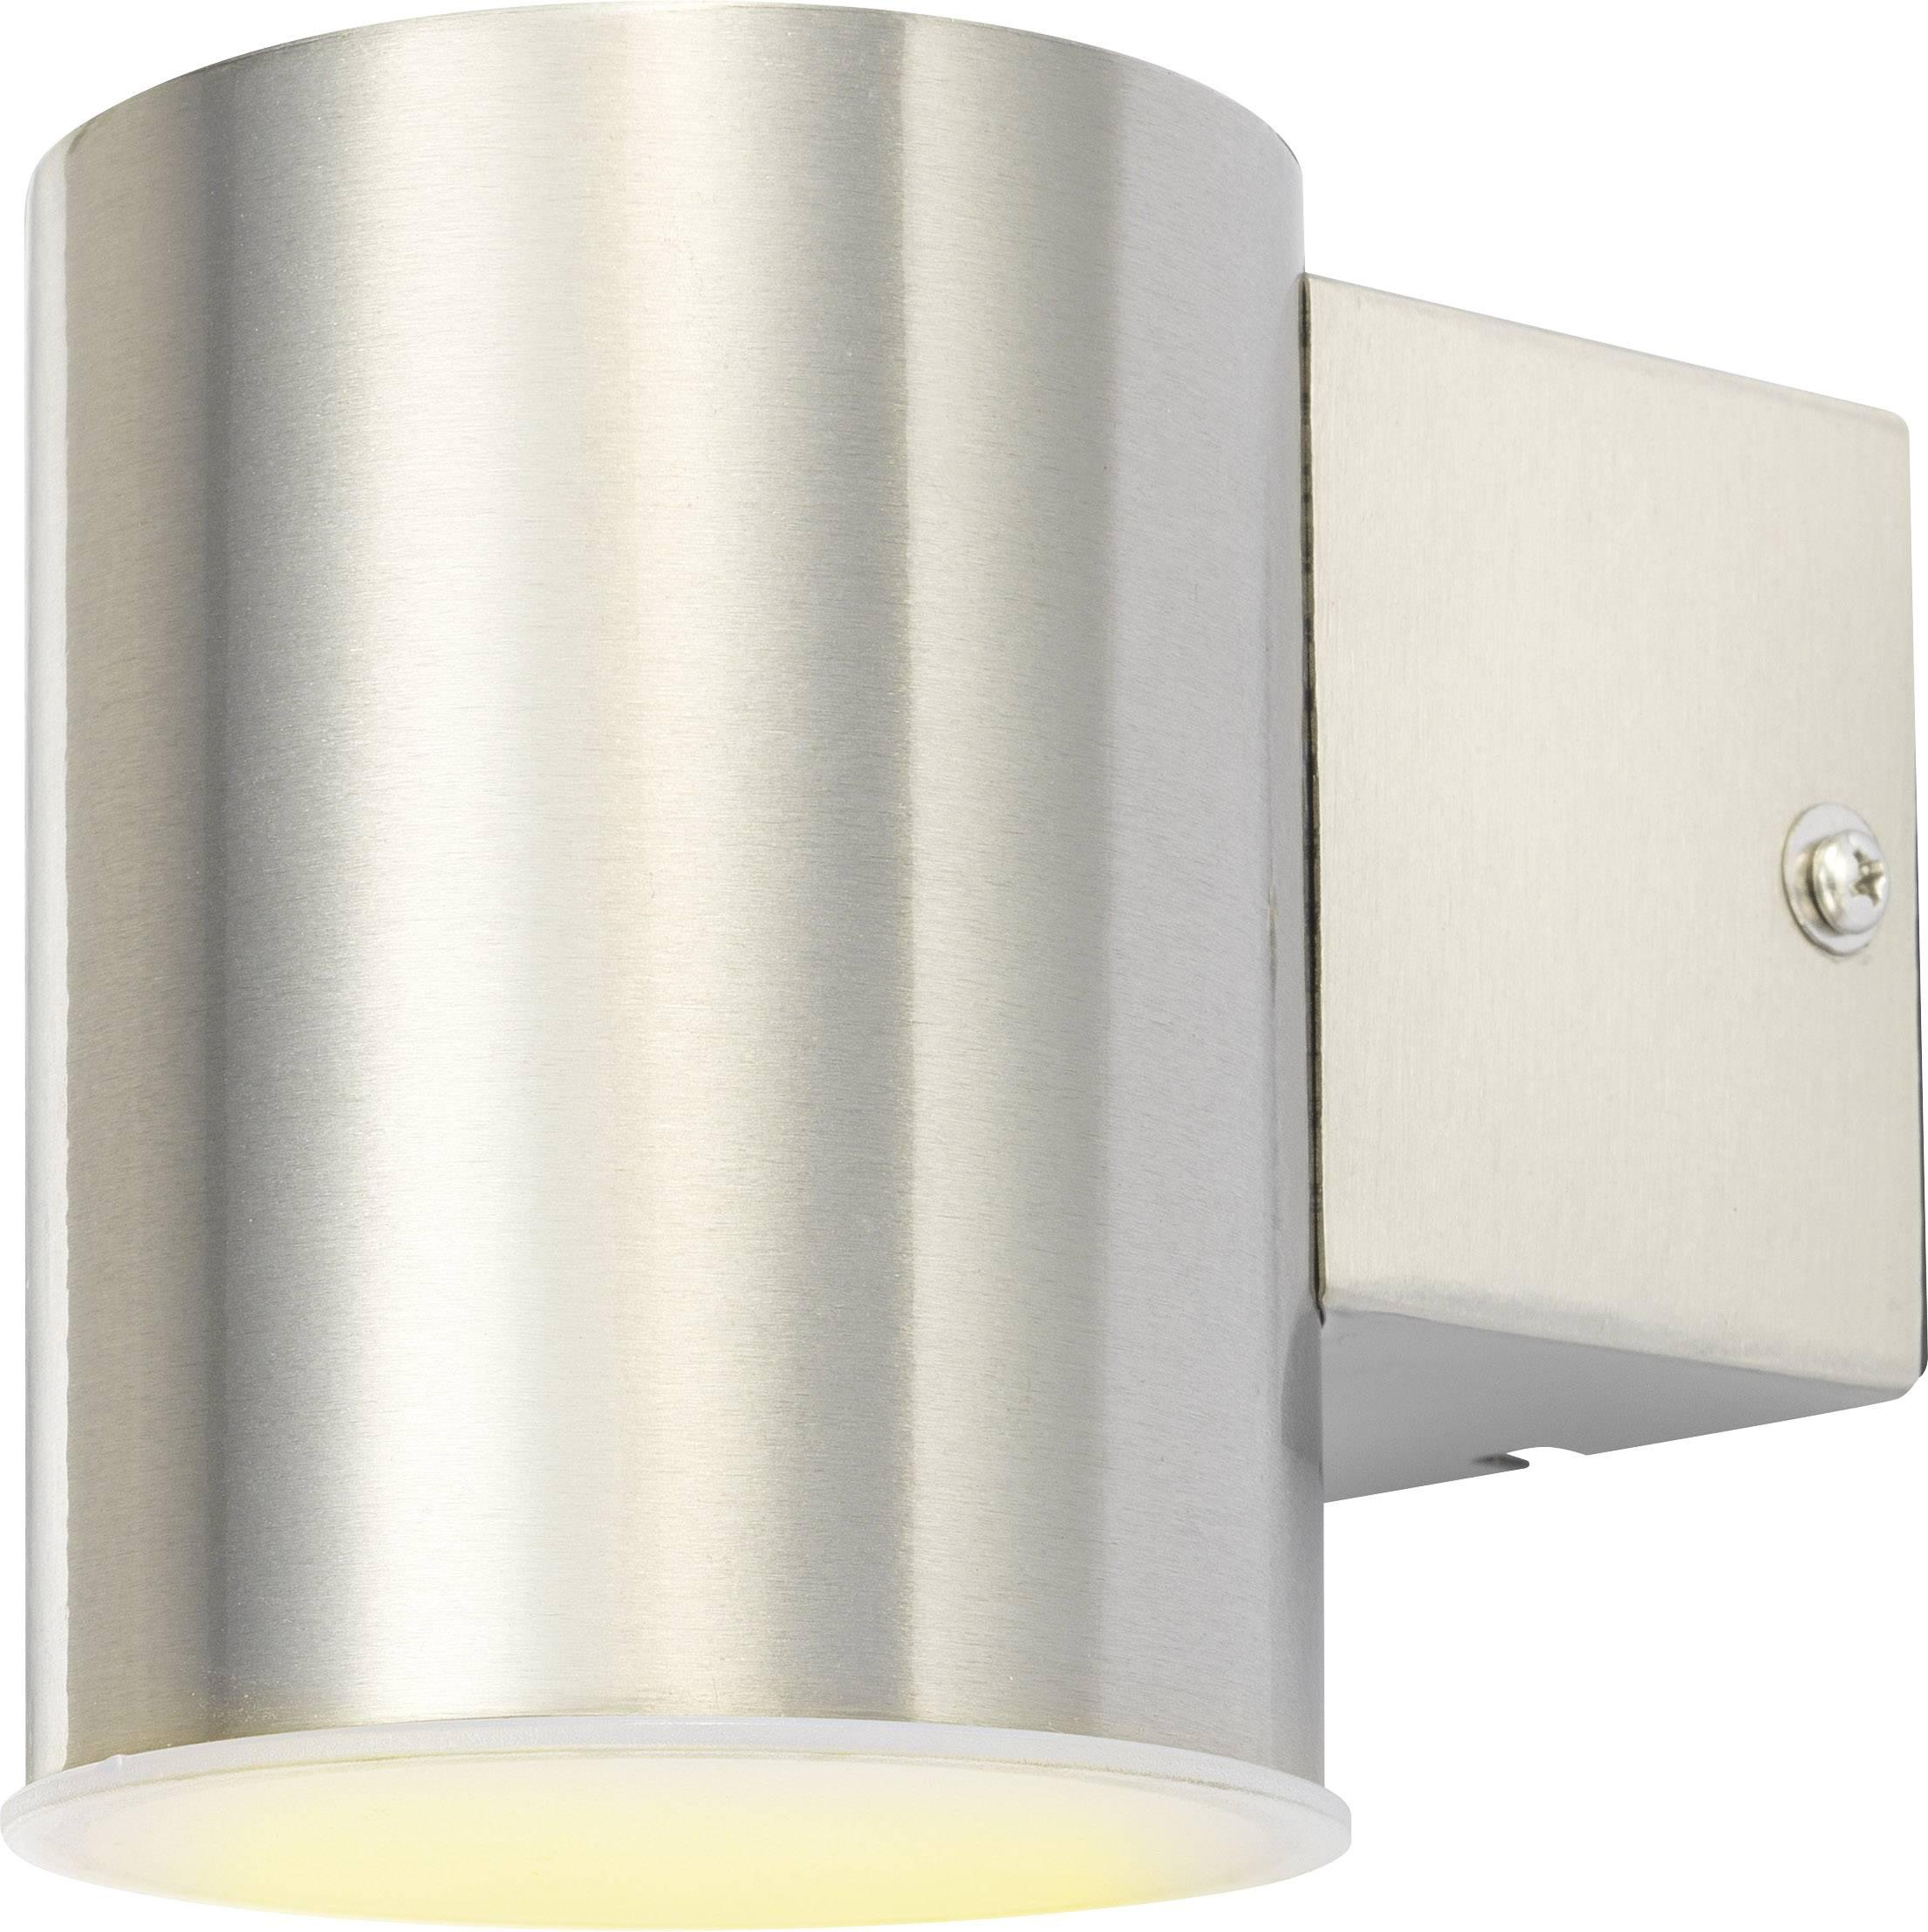 LEDvonkajšie nástennéosvetlenie 7 W teplá biela Polarlite HY0004DN-1R nerezová oceľ kartáčovaná